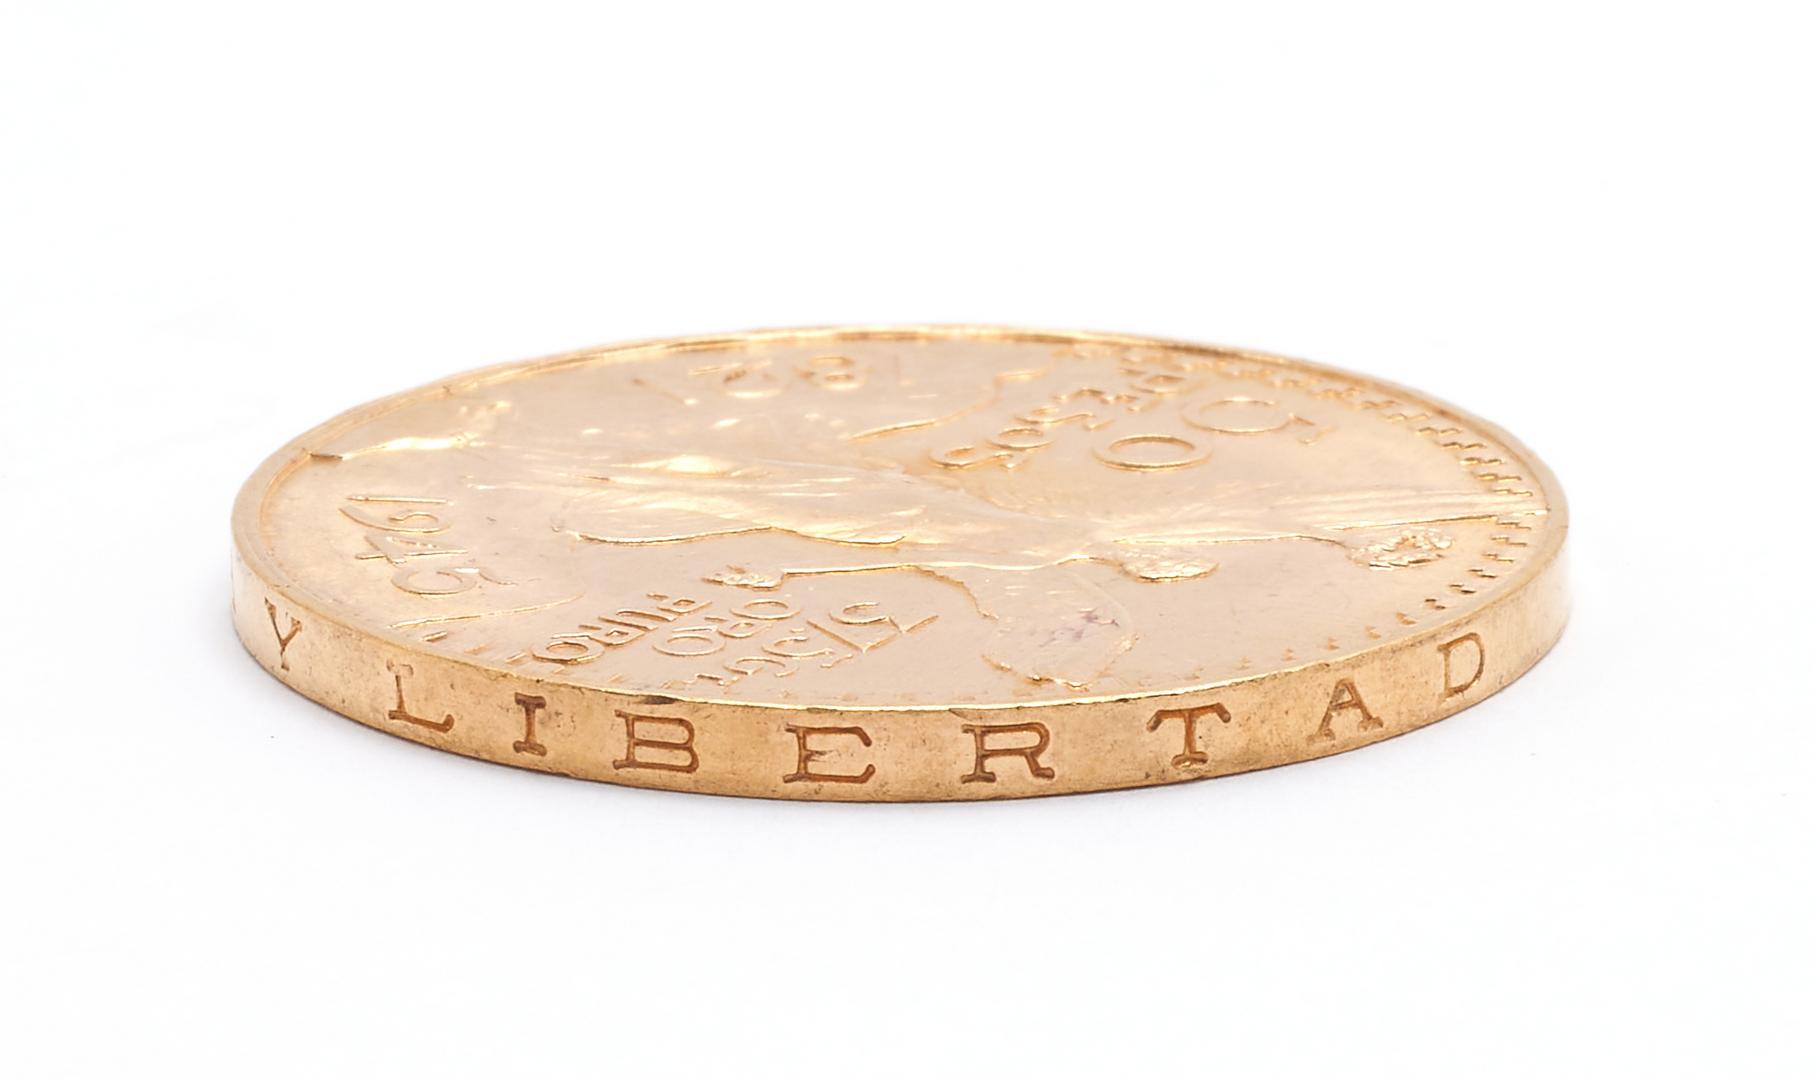 Lot 841: 1945 Mexico 50 Pesos Gold Coin, Centenario